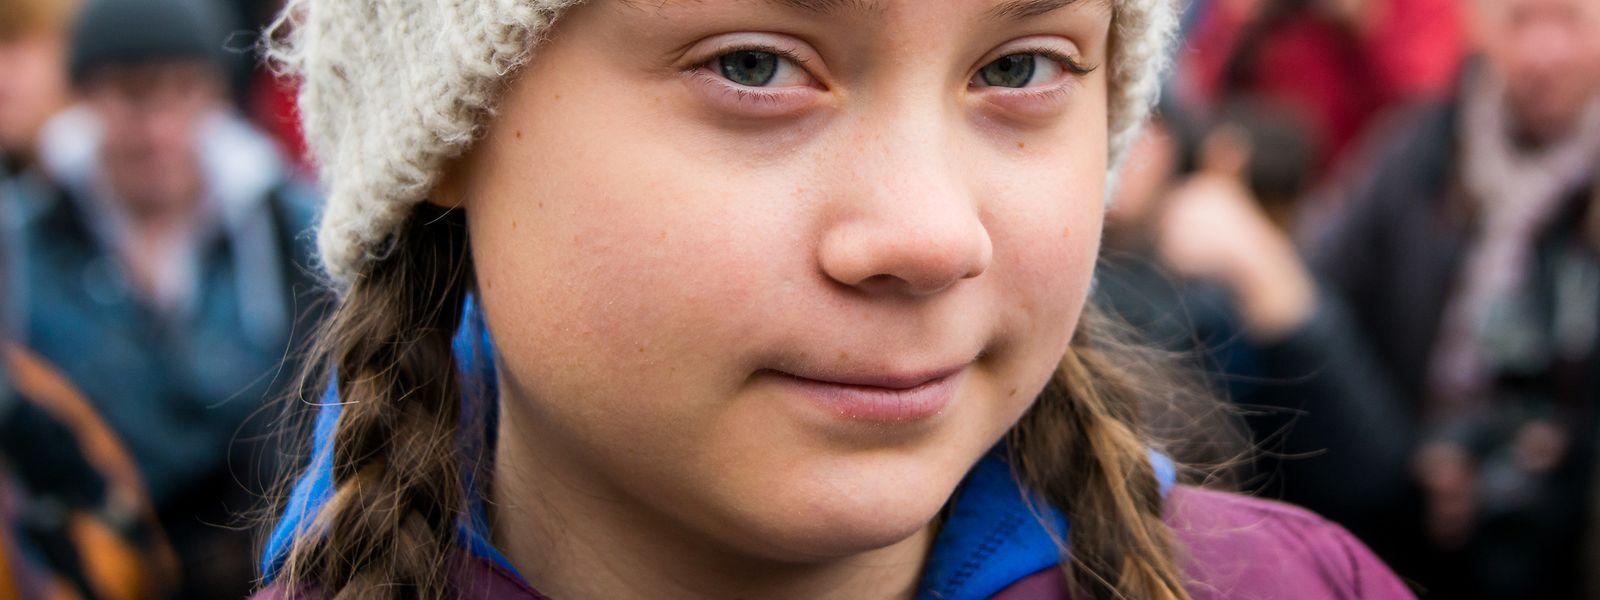 Der Alternative Nobelpreis geht in diesem Jahr unter anderem an die schwedische Klimaaktivistin Greta Thunberg. Mit ihr werden die Menschenrechtsaktivistin Aminatu Haidar aus der Westsahara, die chinesische Frauenrechtlerin Guo Jianmei sowie der brasilianische Ureinwohner Davi Kopenawa und seine Vereinigung Hutukara Yanomami ausgezeichnet.